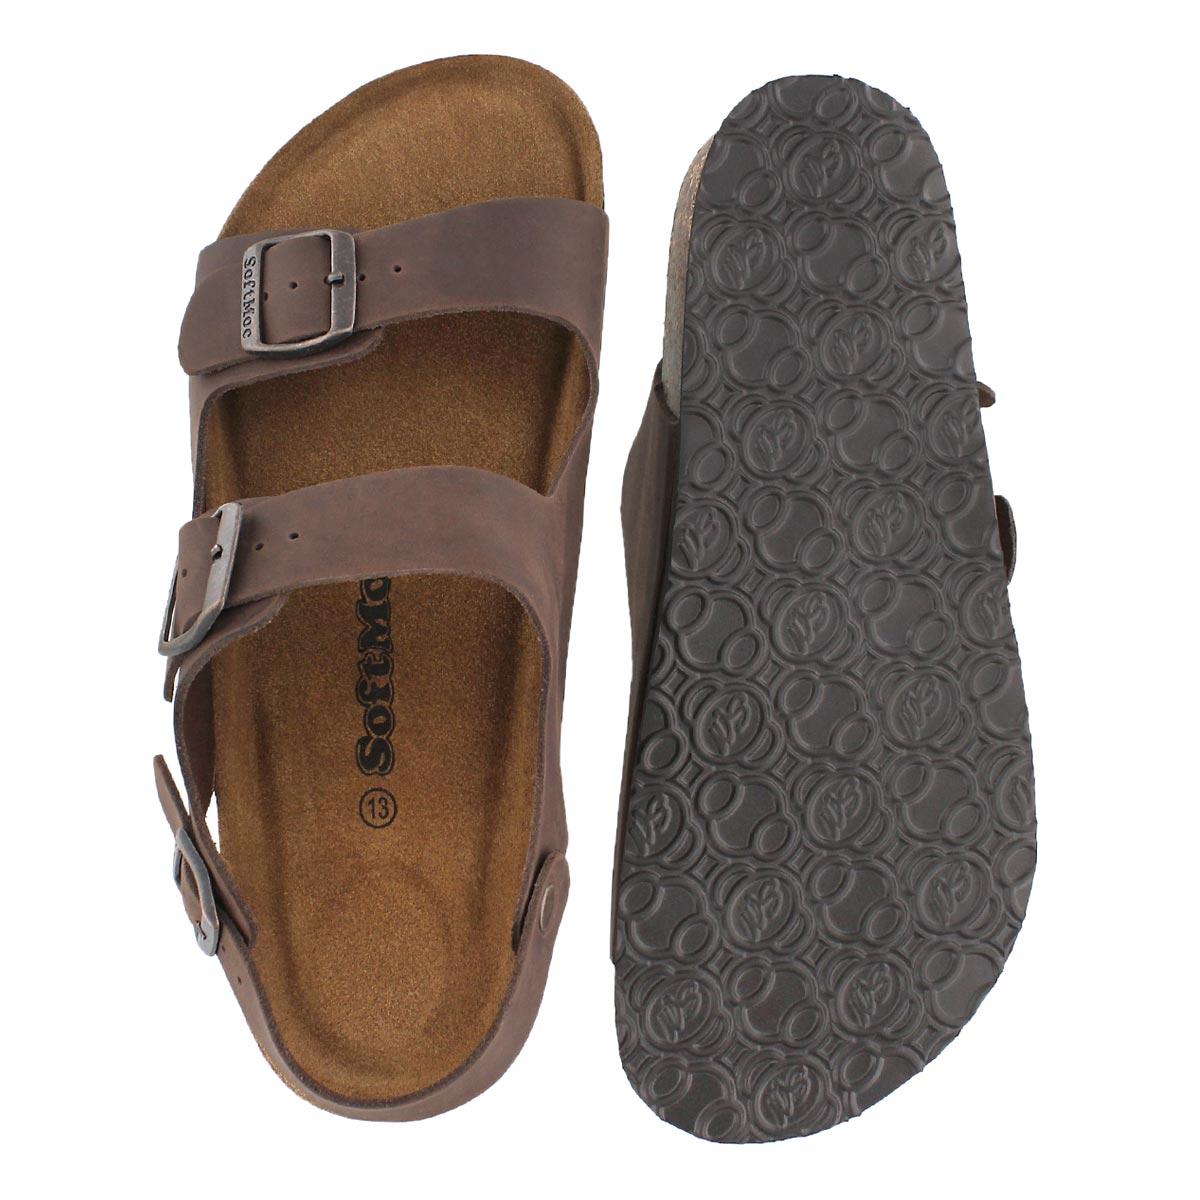 Mns Ruben 5 brn crz memory foam sandal